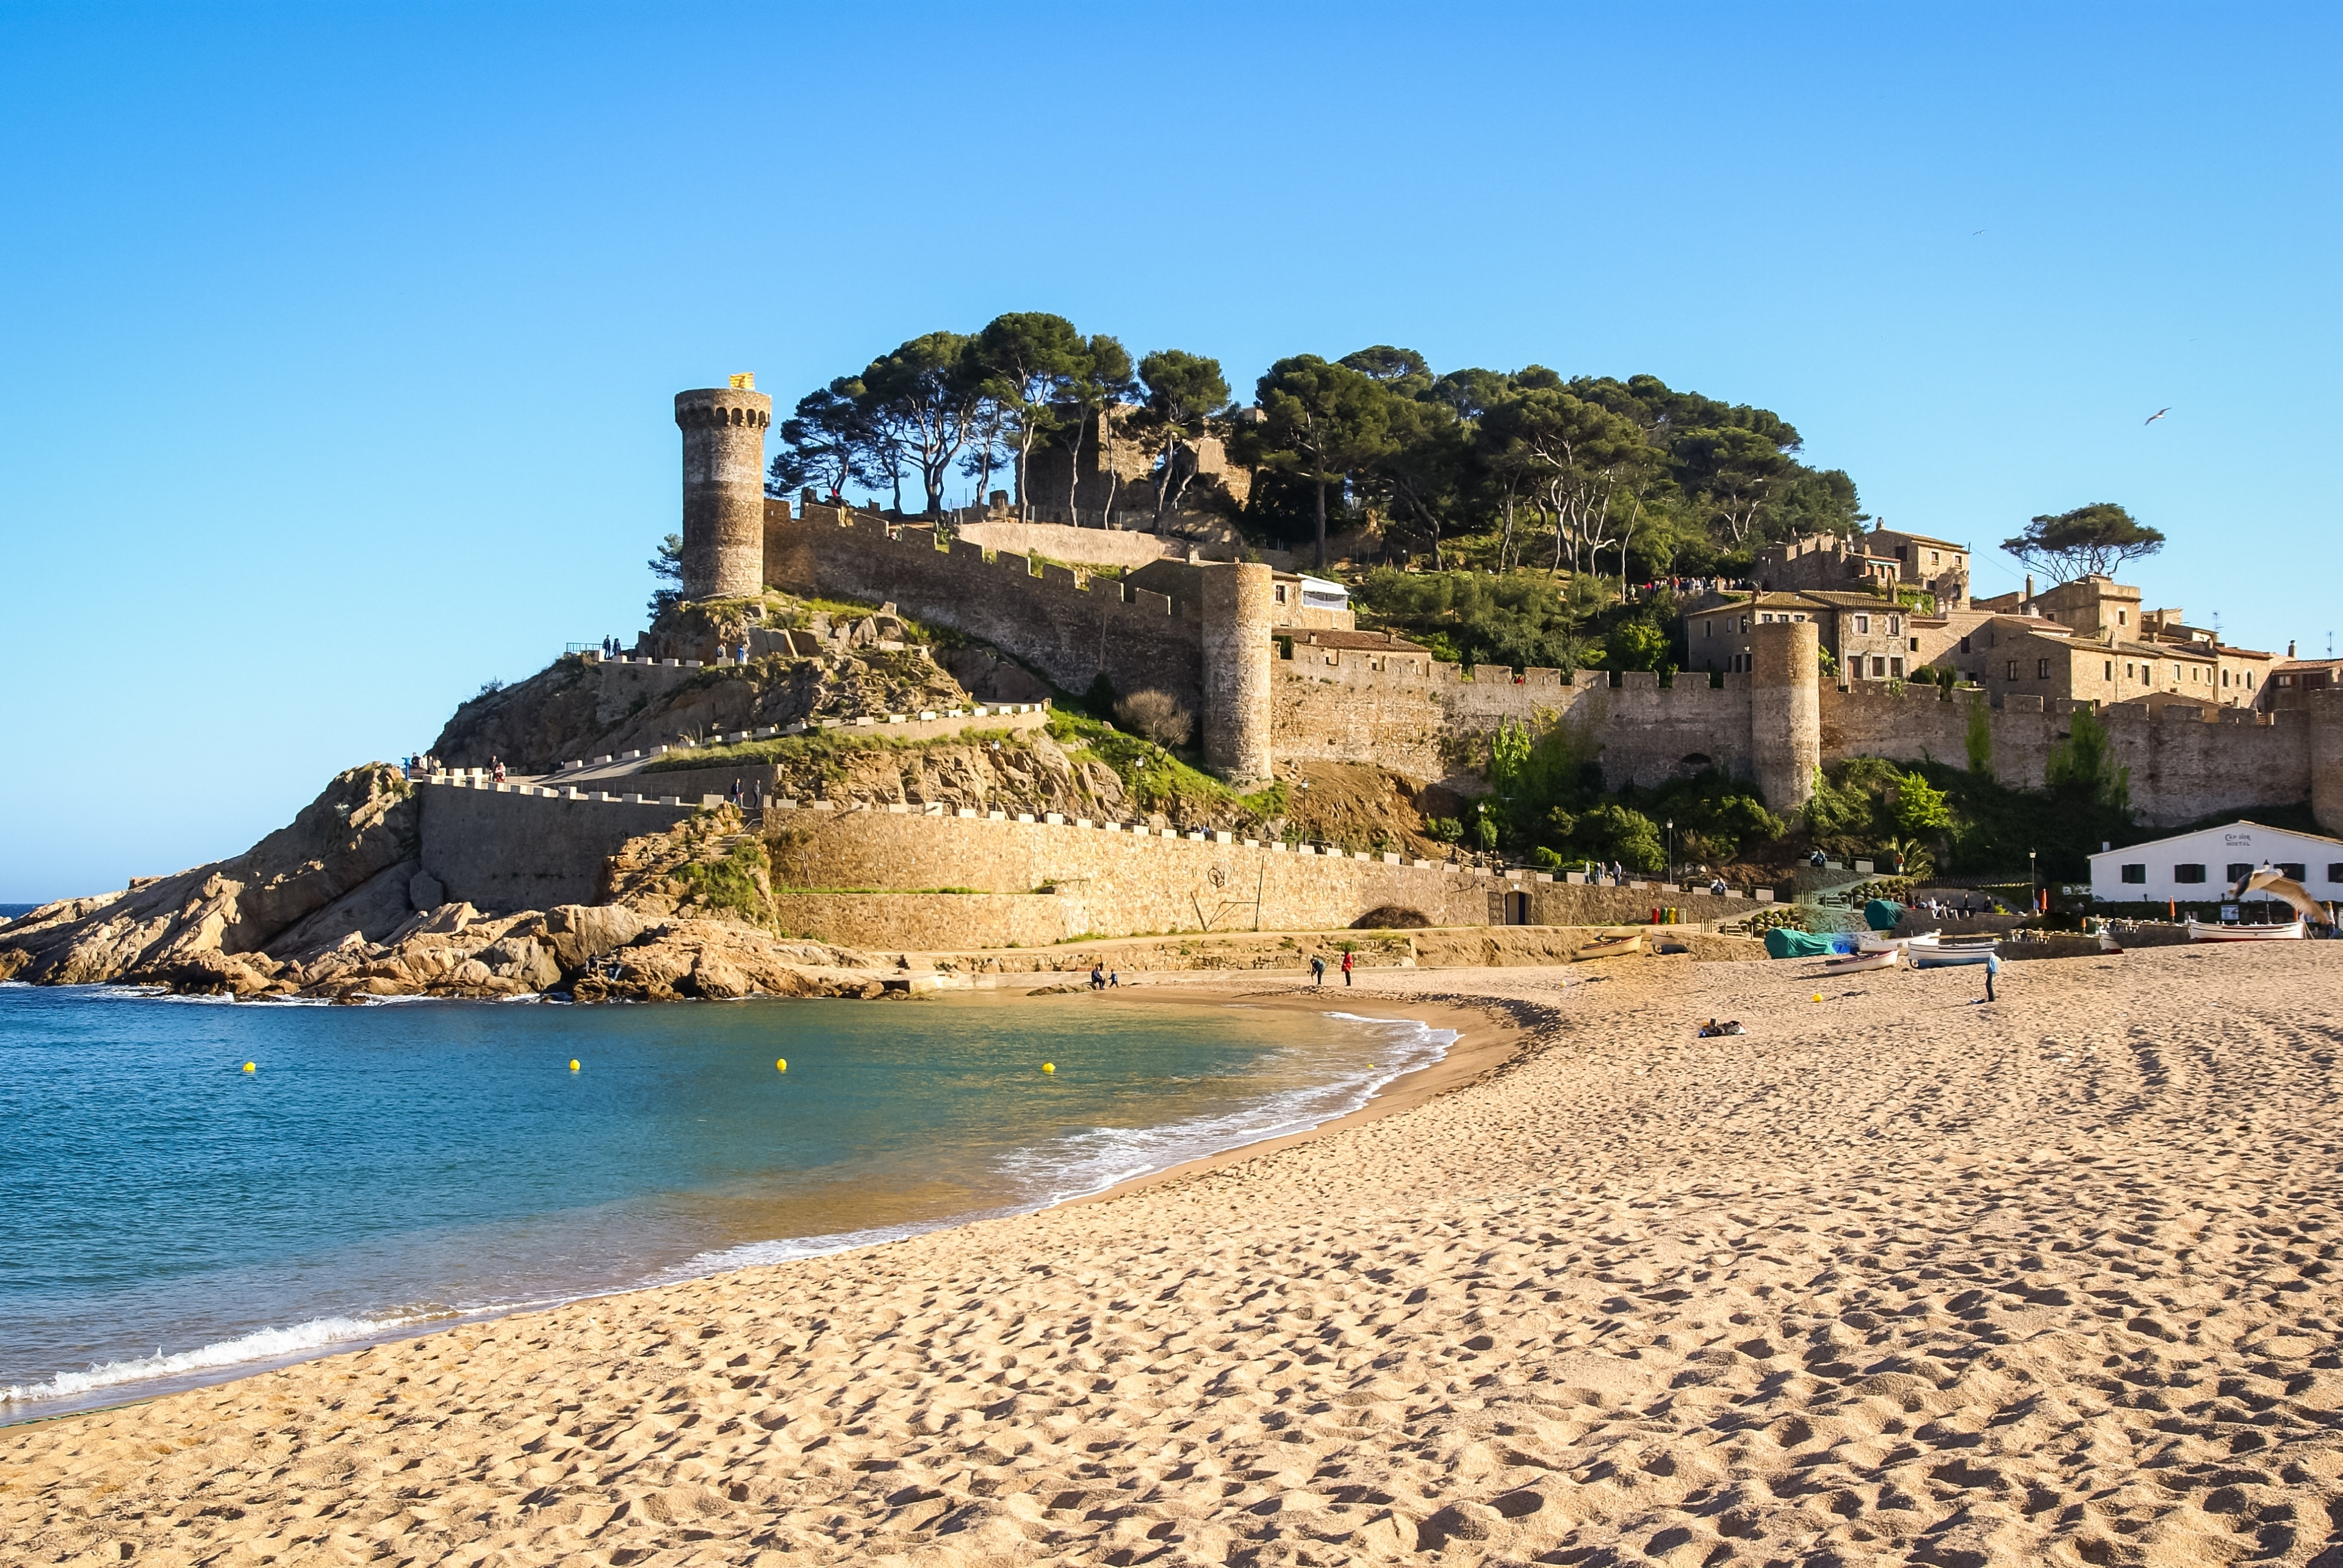 Visitez Tossa de Mar : le meilleur de Tossa de Mar, Catalogne pour 2021 |  Expedia